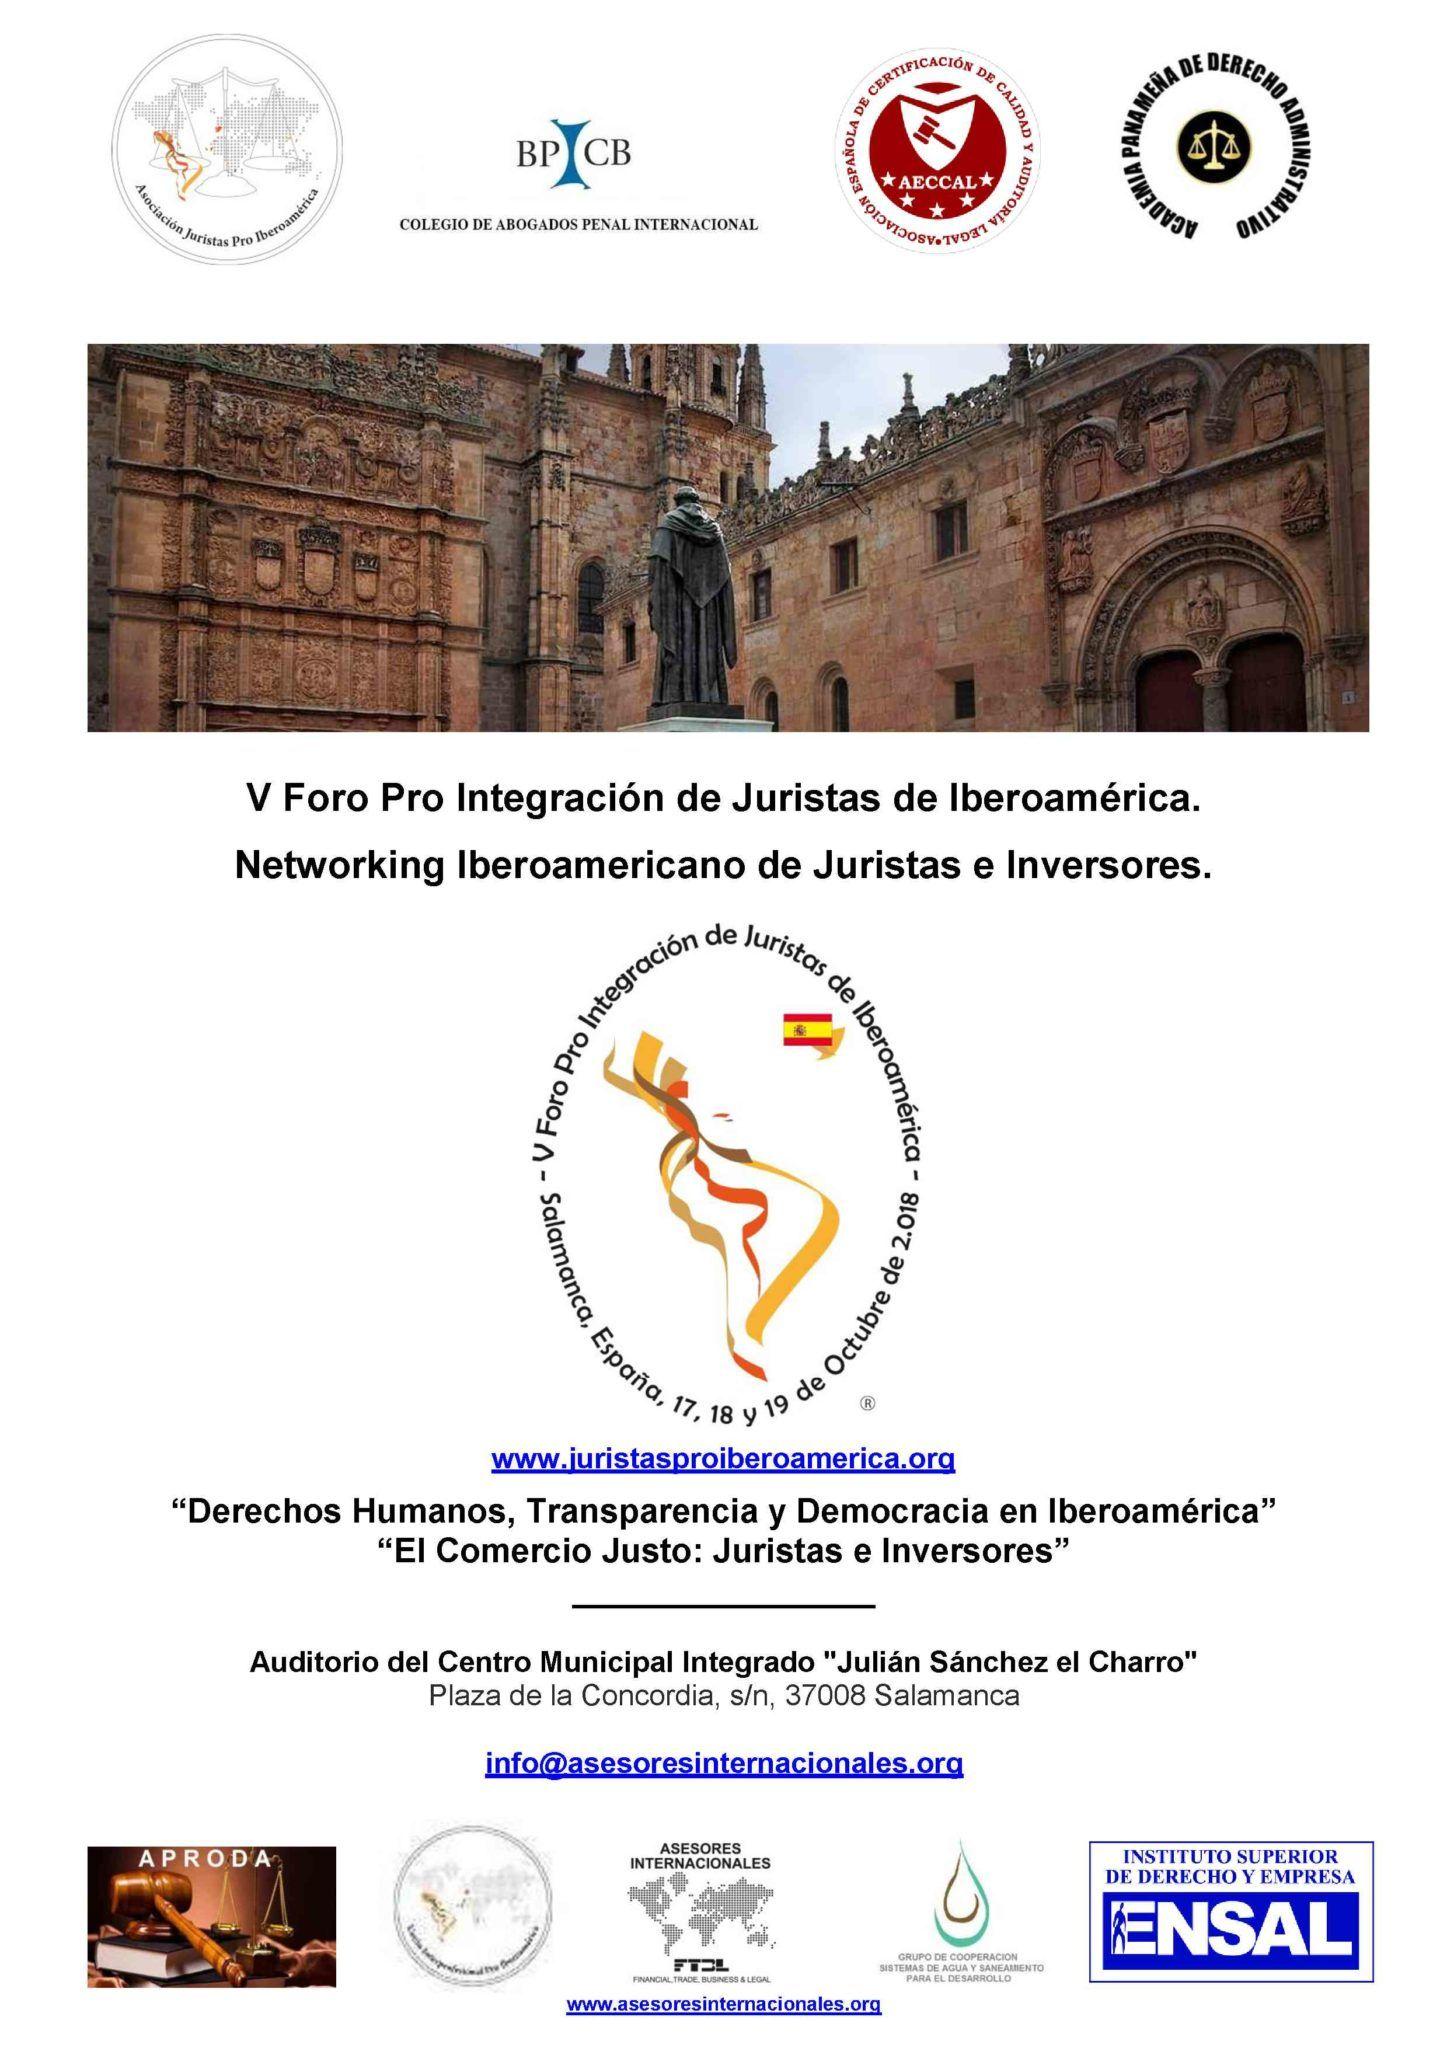 Salamanca acogerá los días 17, 18 y 19 de octubre el V Foro Pro Integración de Juristas de Iberoamérica